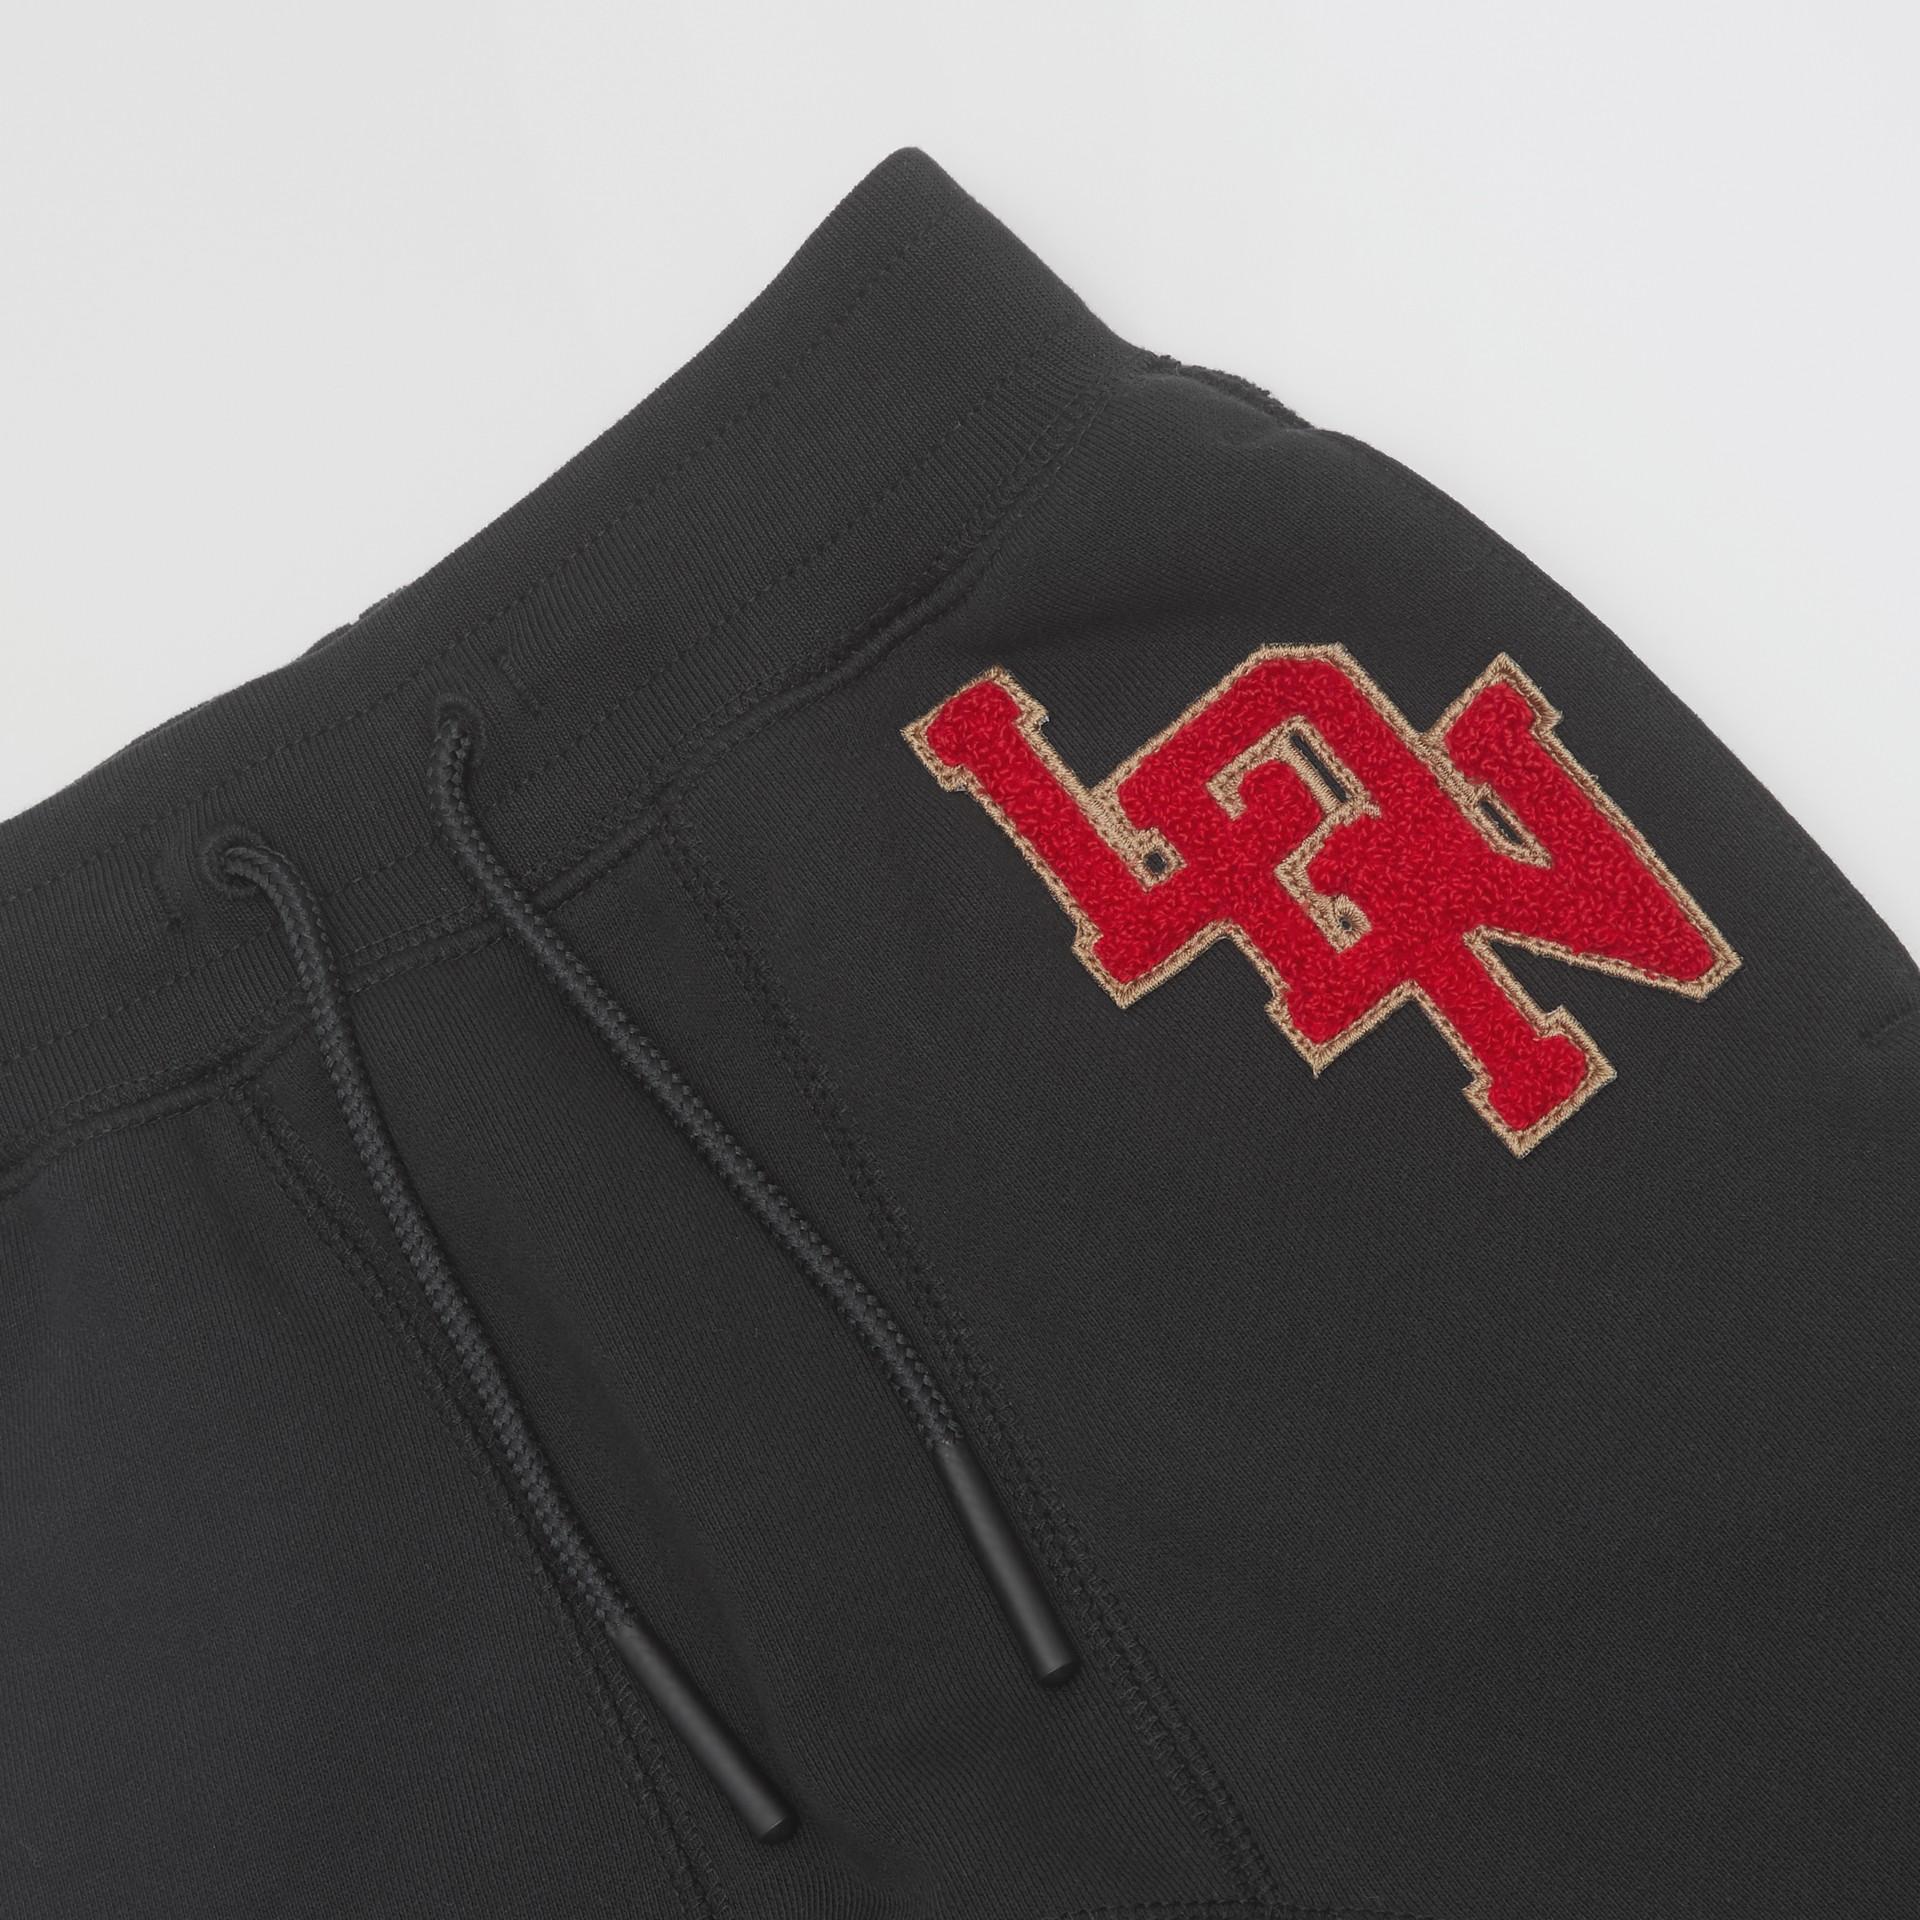 Pantalon de survêtement en coton à logo (Noir) - Enfant | Burberry - photo de la galerie 1